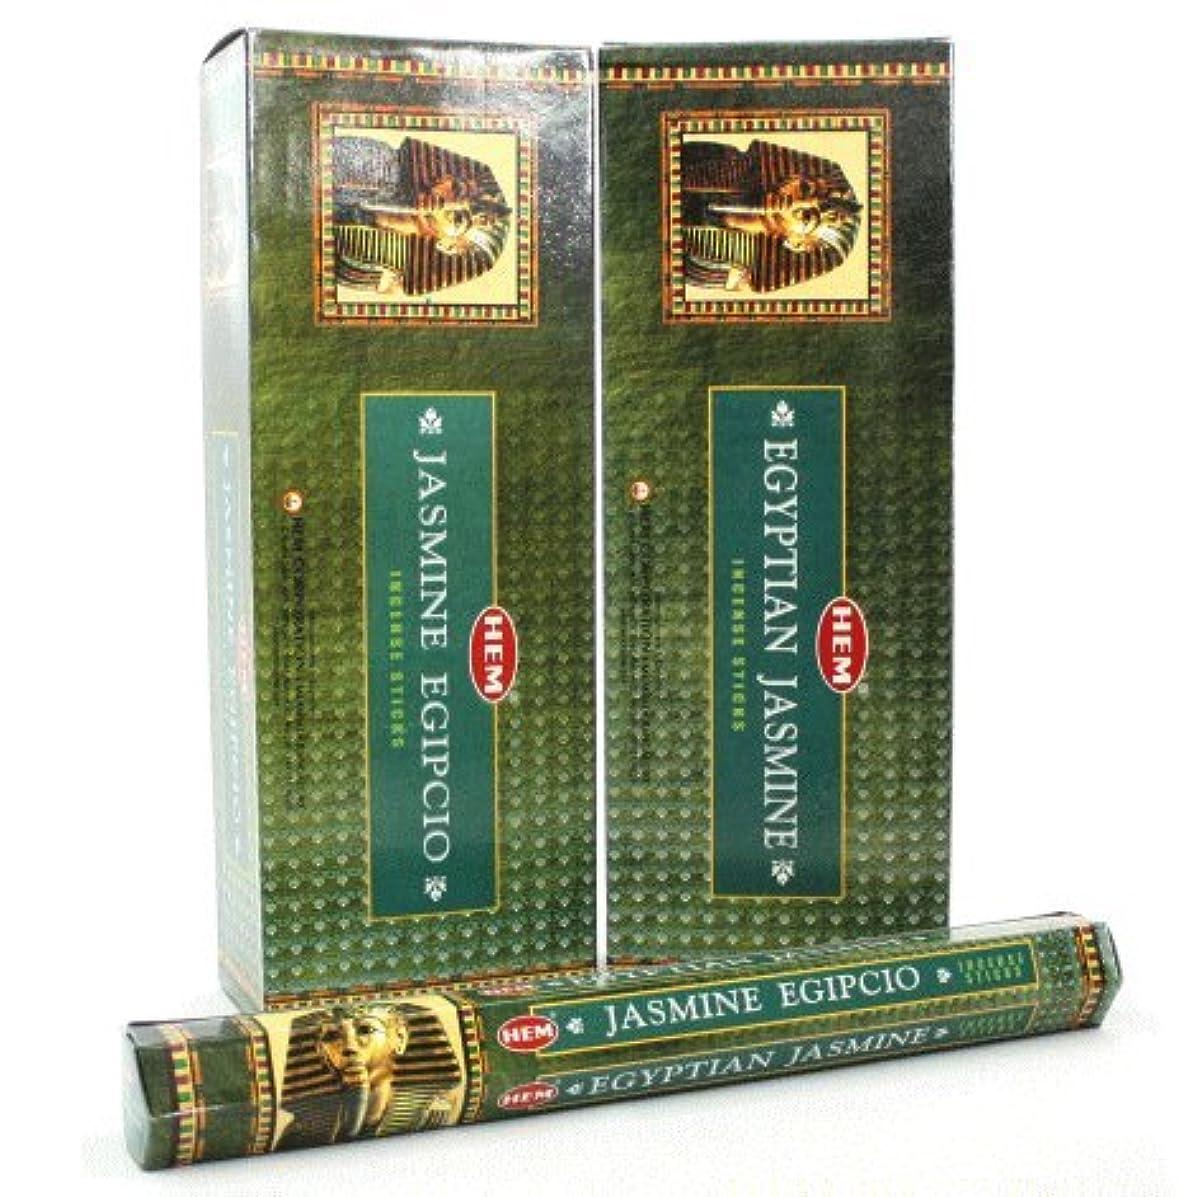 希少性護衛政治的HEM エジプシャン ジャスミン香 スティック ヘキサパック(六角) 12箱セット HEM EGYPTIAN JASMINE